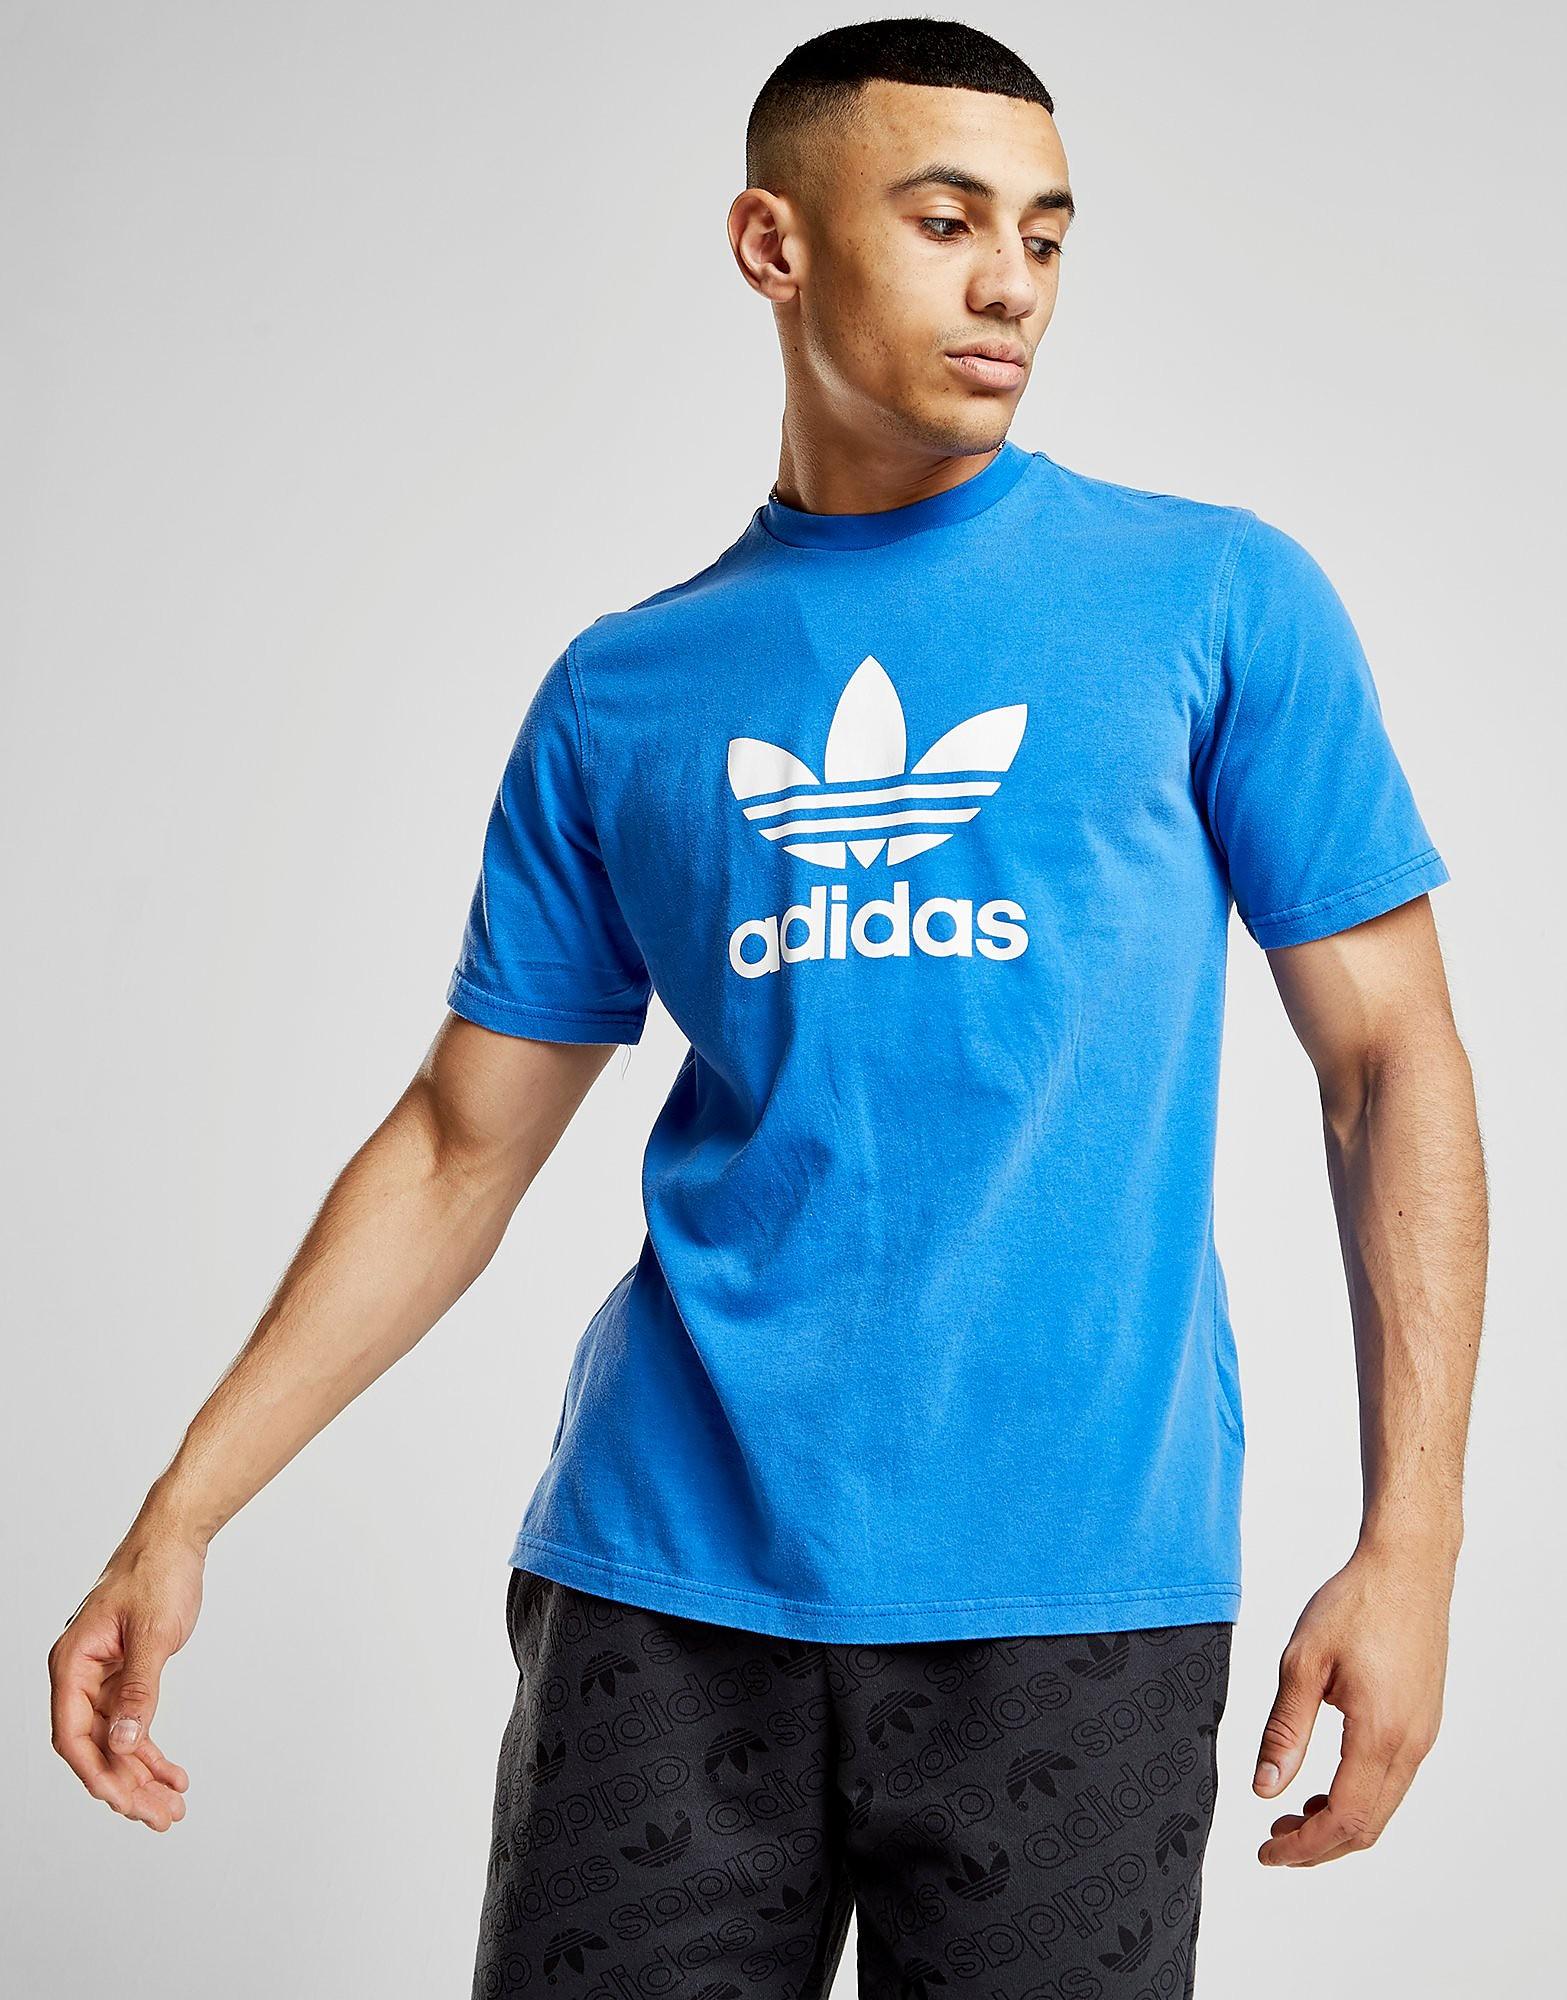 adidas Originals camiseta Trefoil State